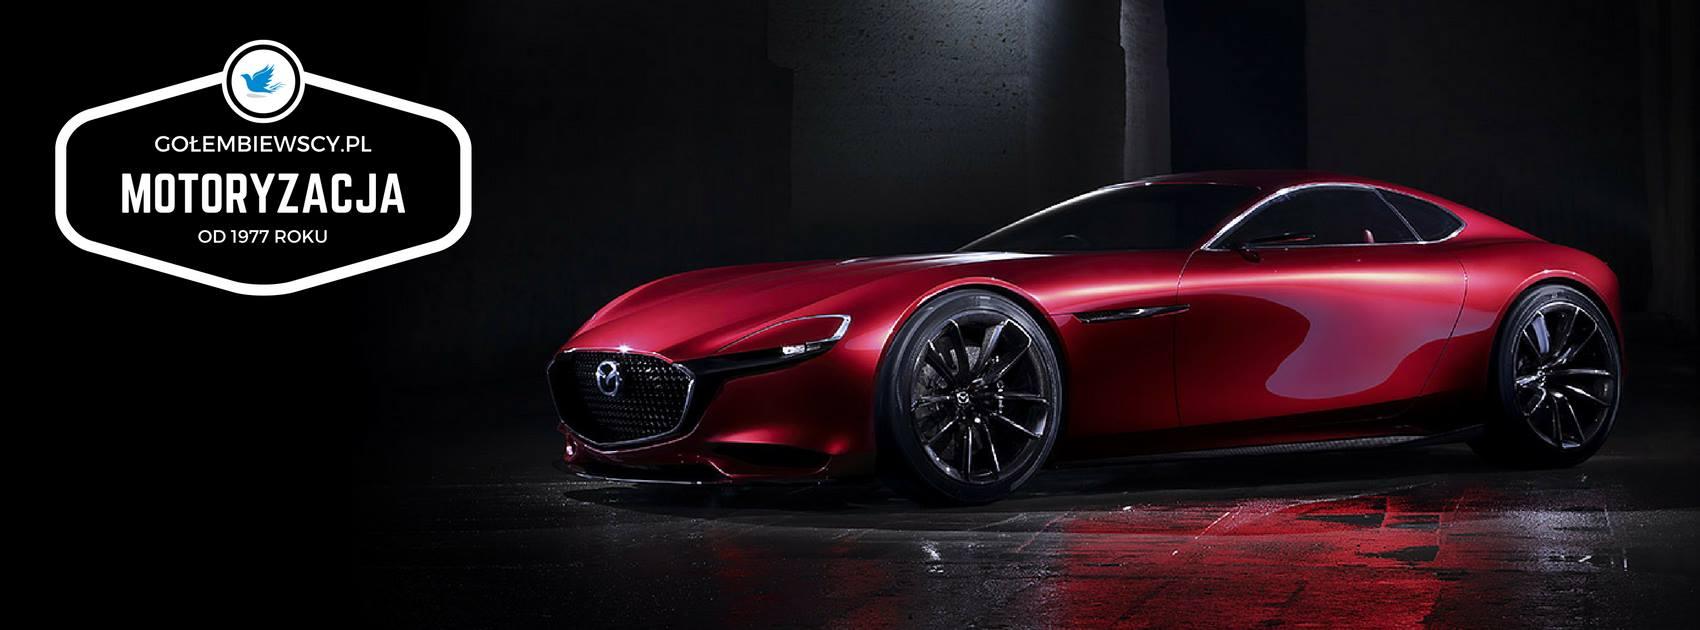 Serwis Mazda, ASO Mazdy